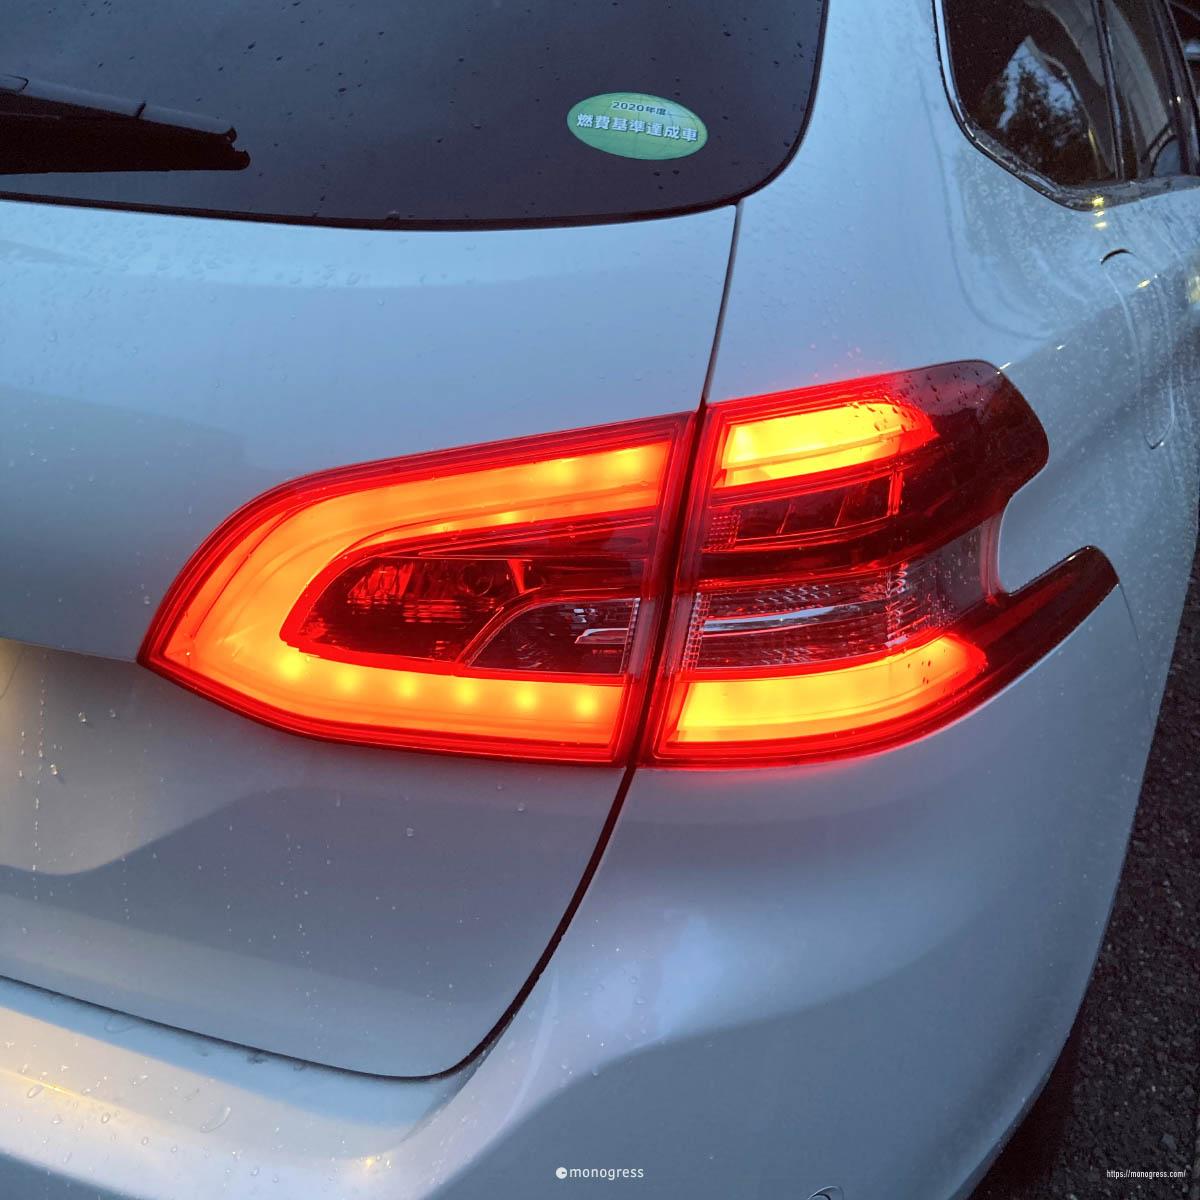 Peugeot 308 リアコンビネーションランプ